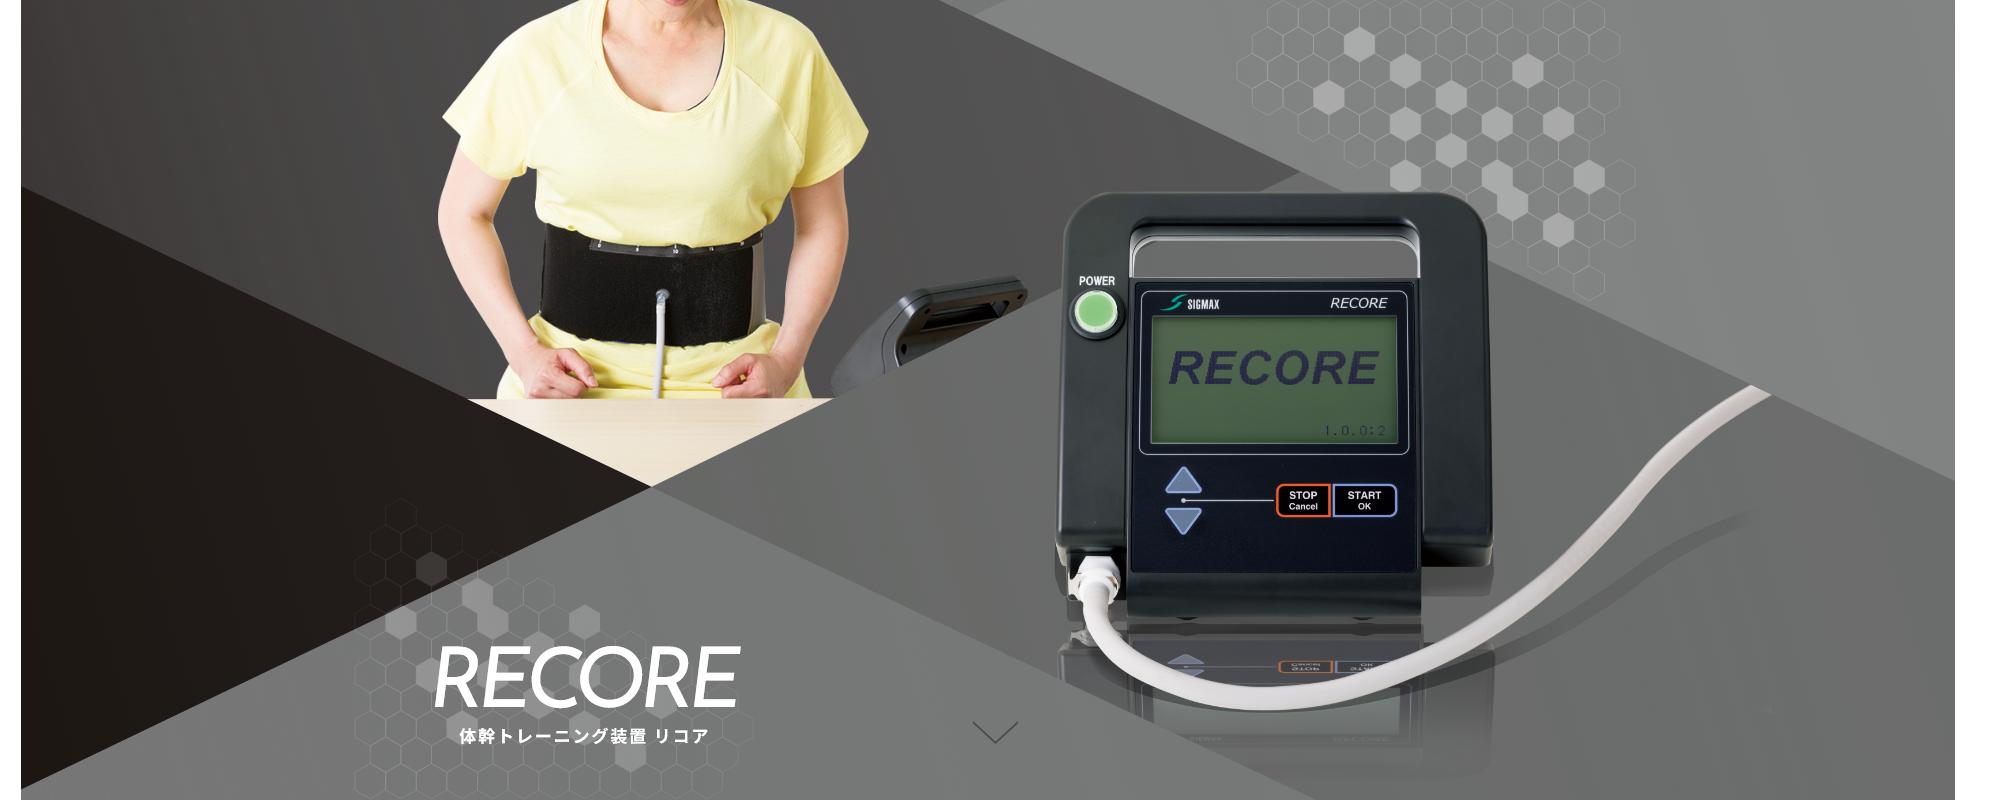 体感トレーニング装置 RECORE